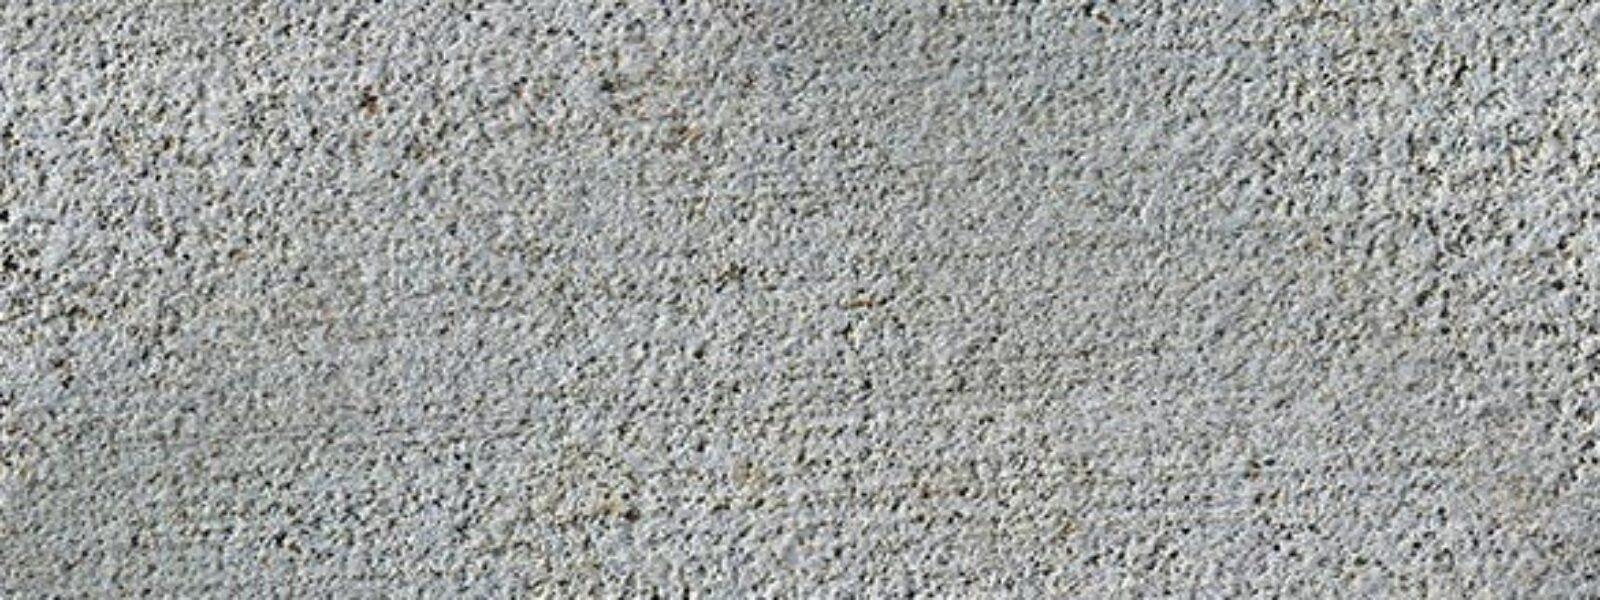 ACS Materials